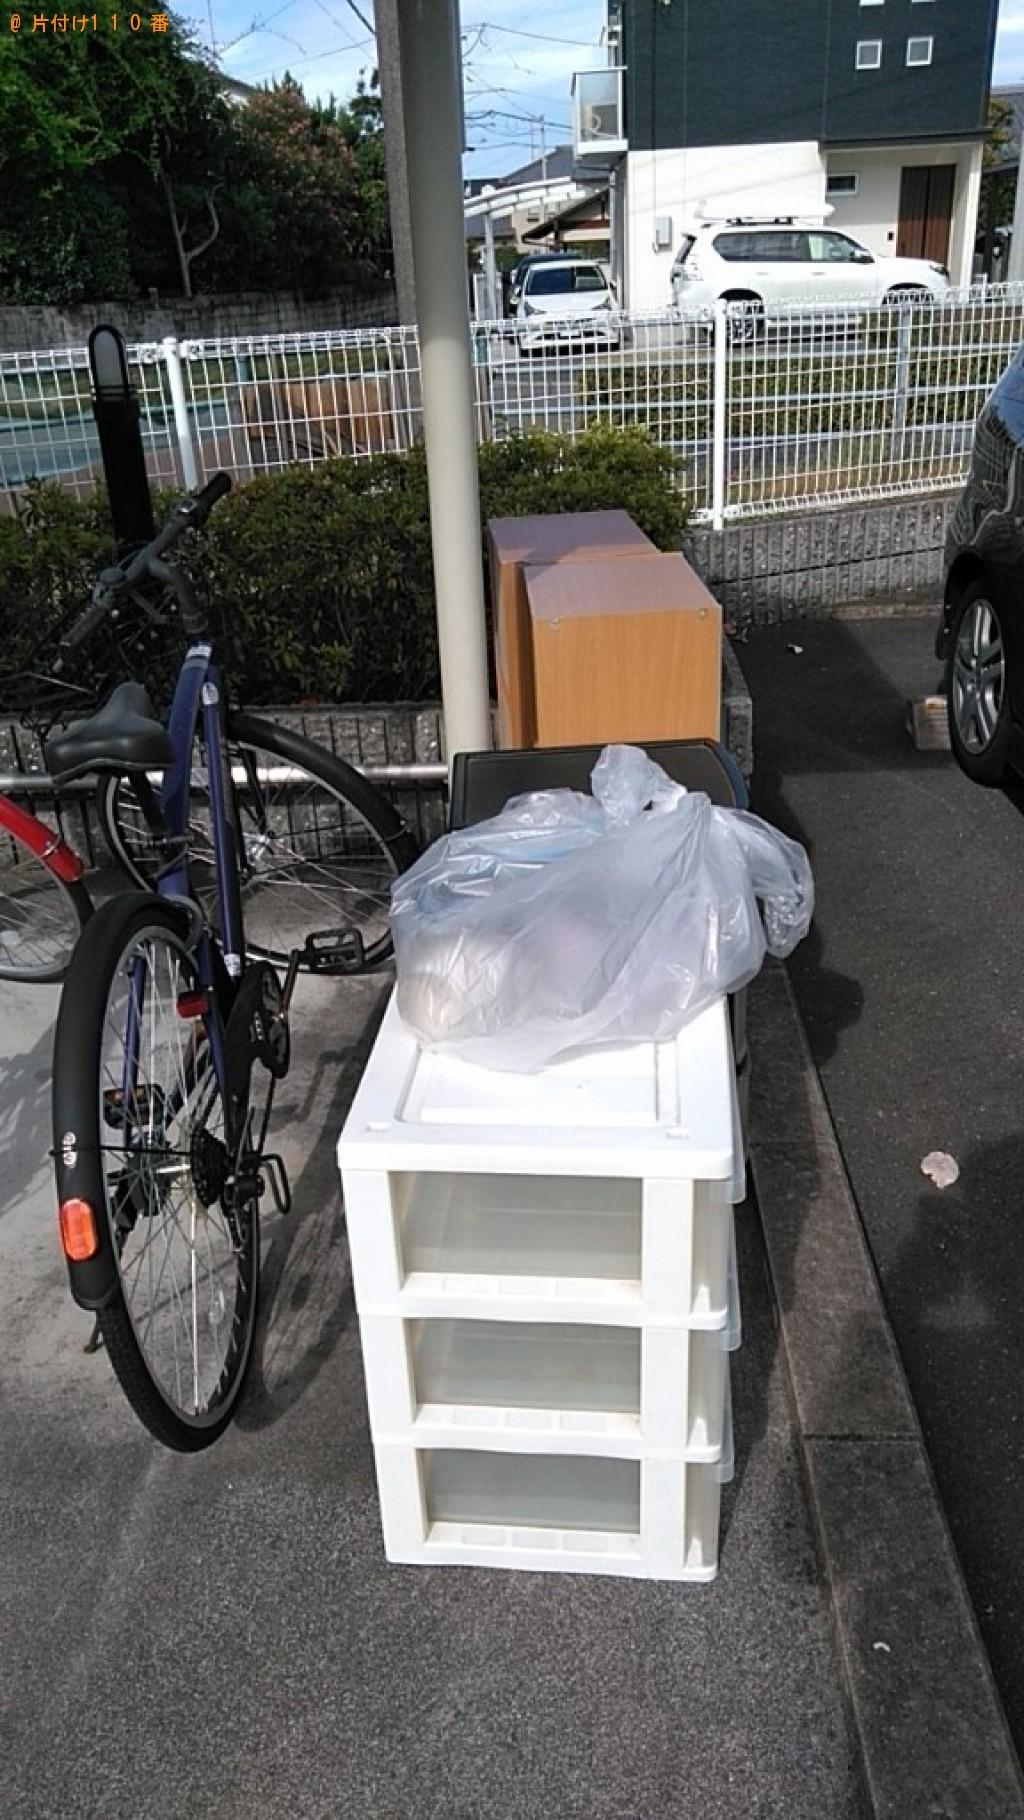 【松山市】カラーボックス、衣装ケース、自転車等の回収・処分ご依頼